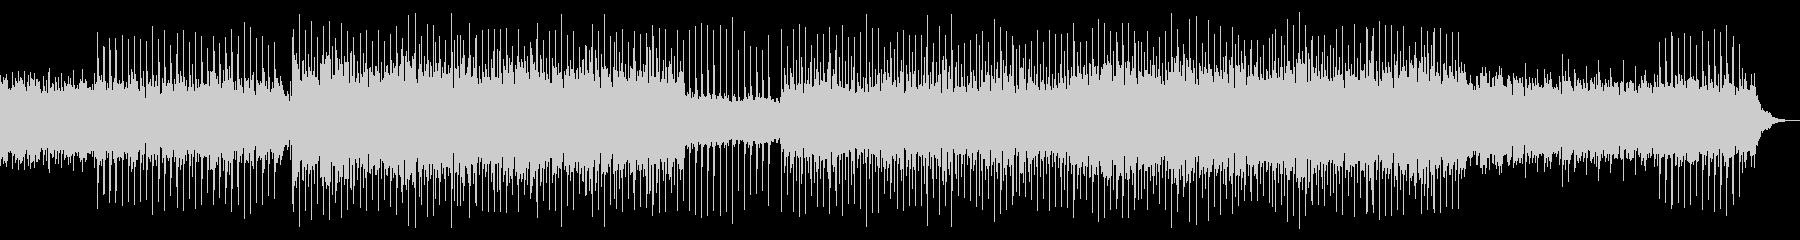 企業系/アート系/ピアノ/四つ打ちの未再生の波形